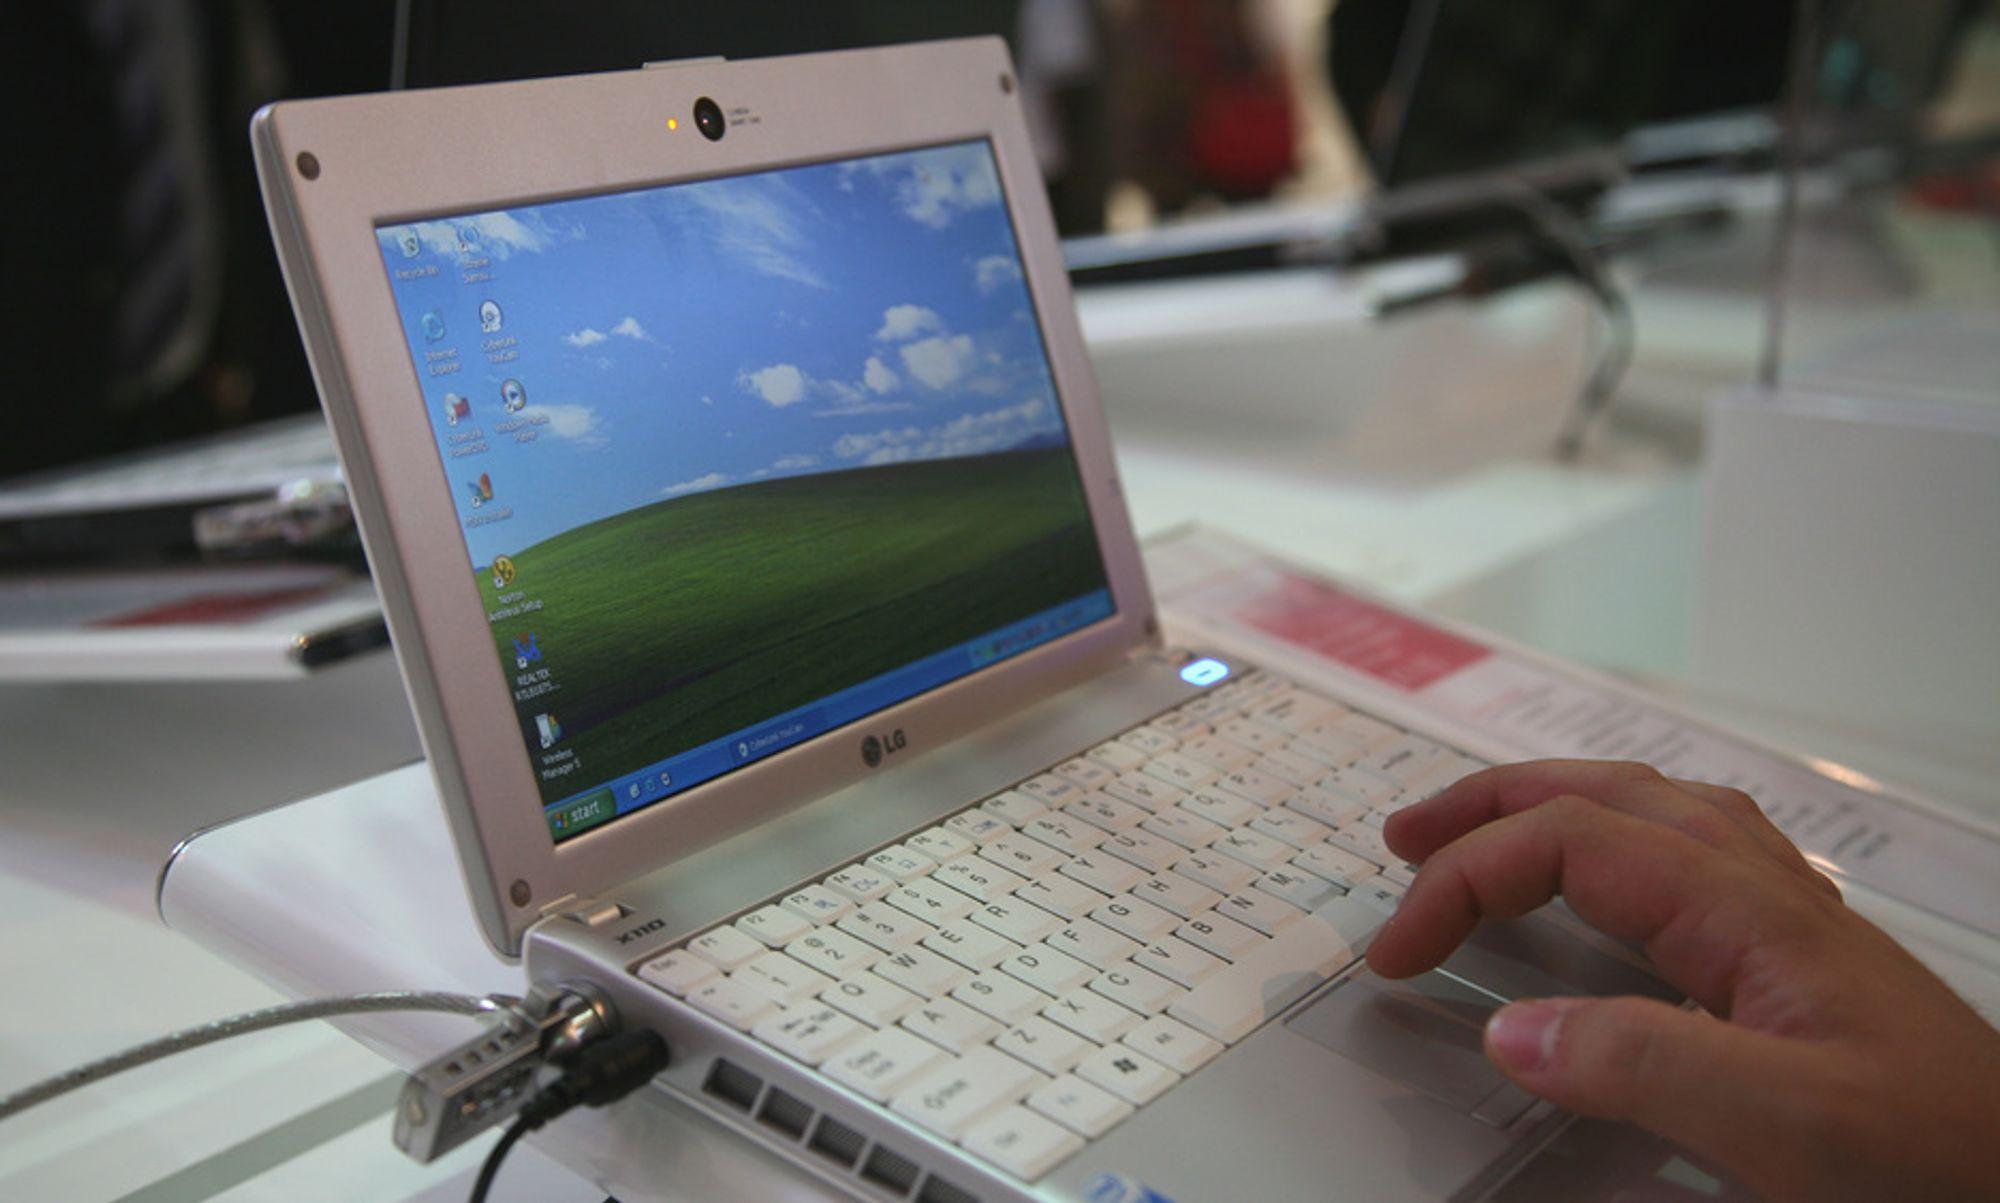 IFA: Slik ser den ut - LGs mini-laptop X110, som har innebygget 3G.